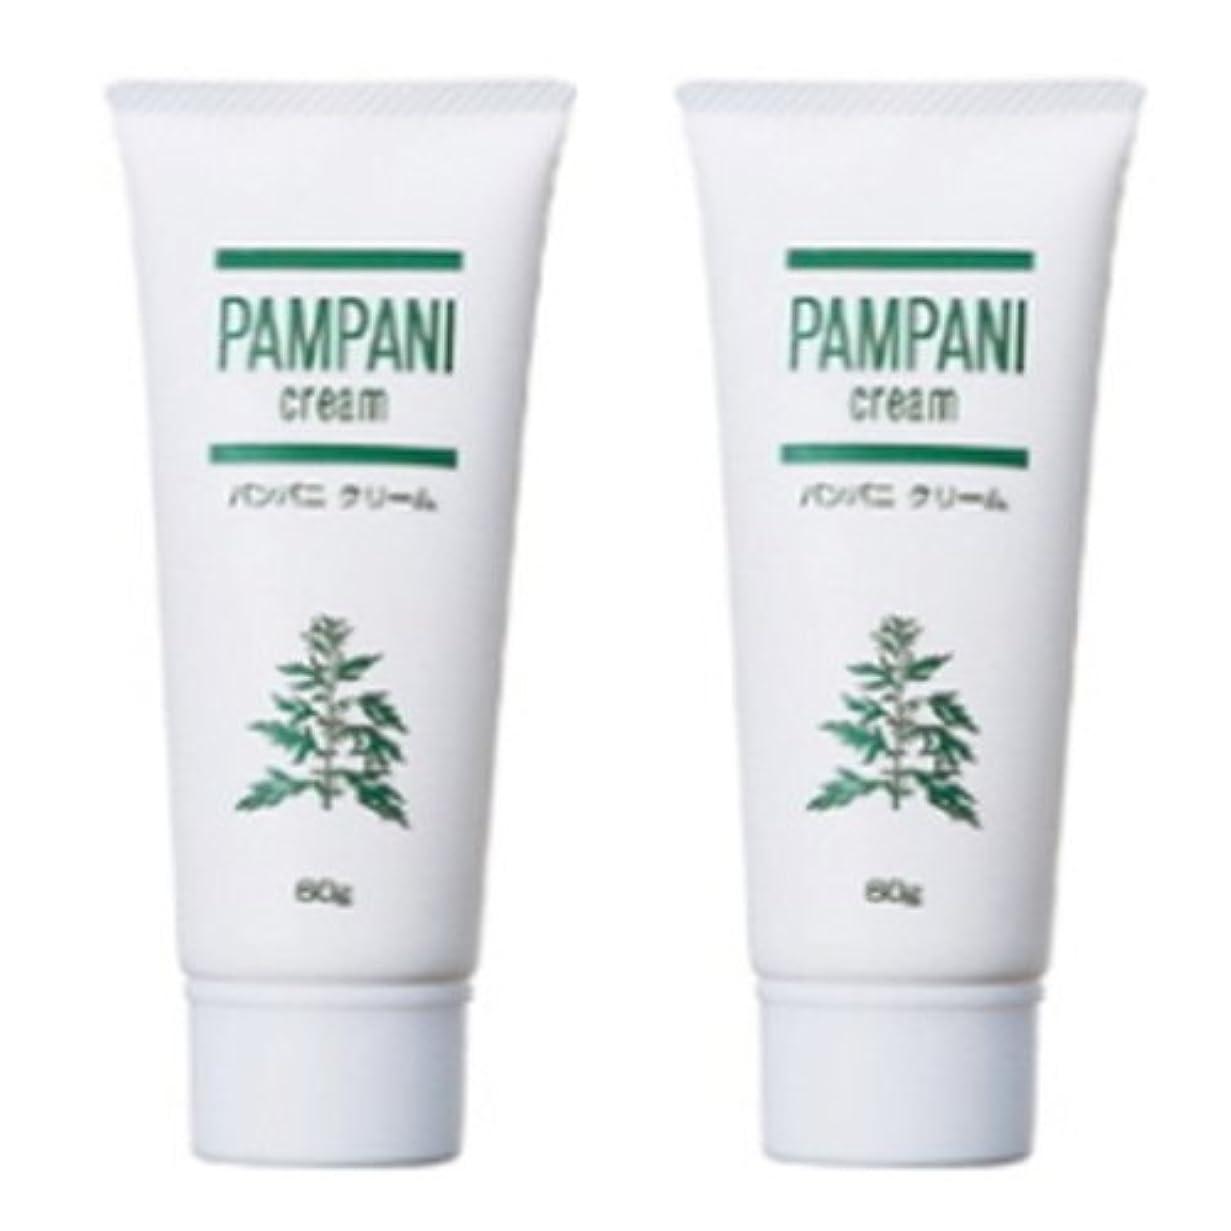 物理的な冷笑する練るパンパニ(PAMPANI) クリーム 60g×2本組